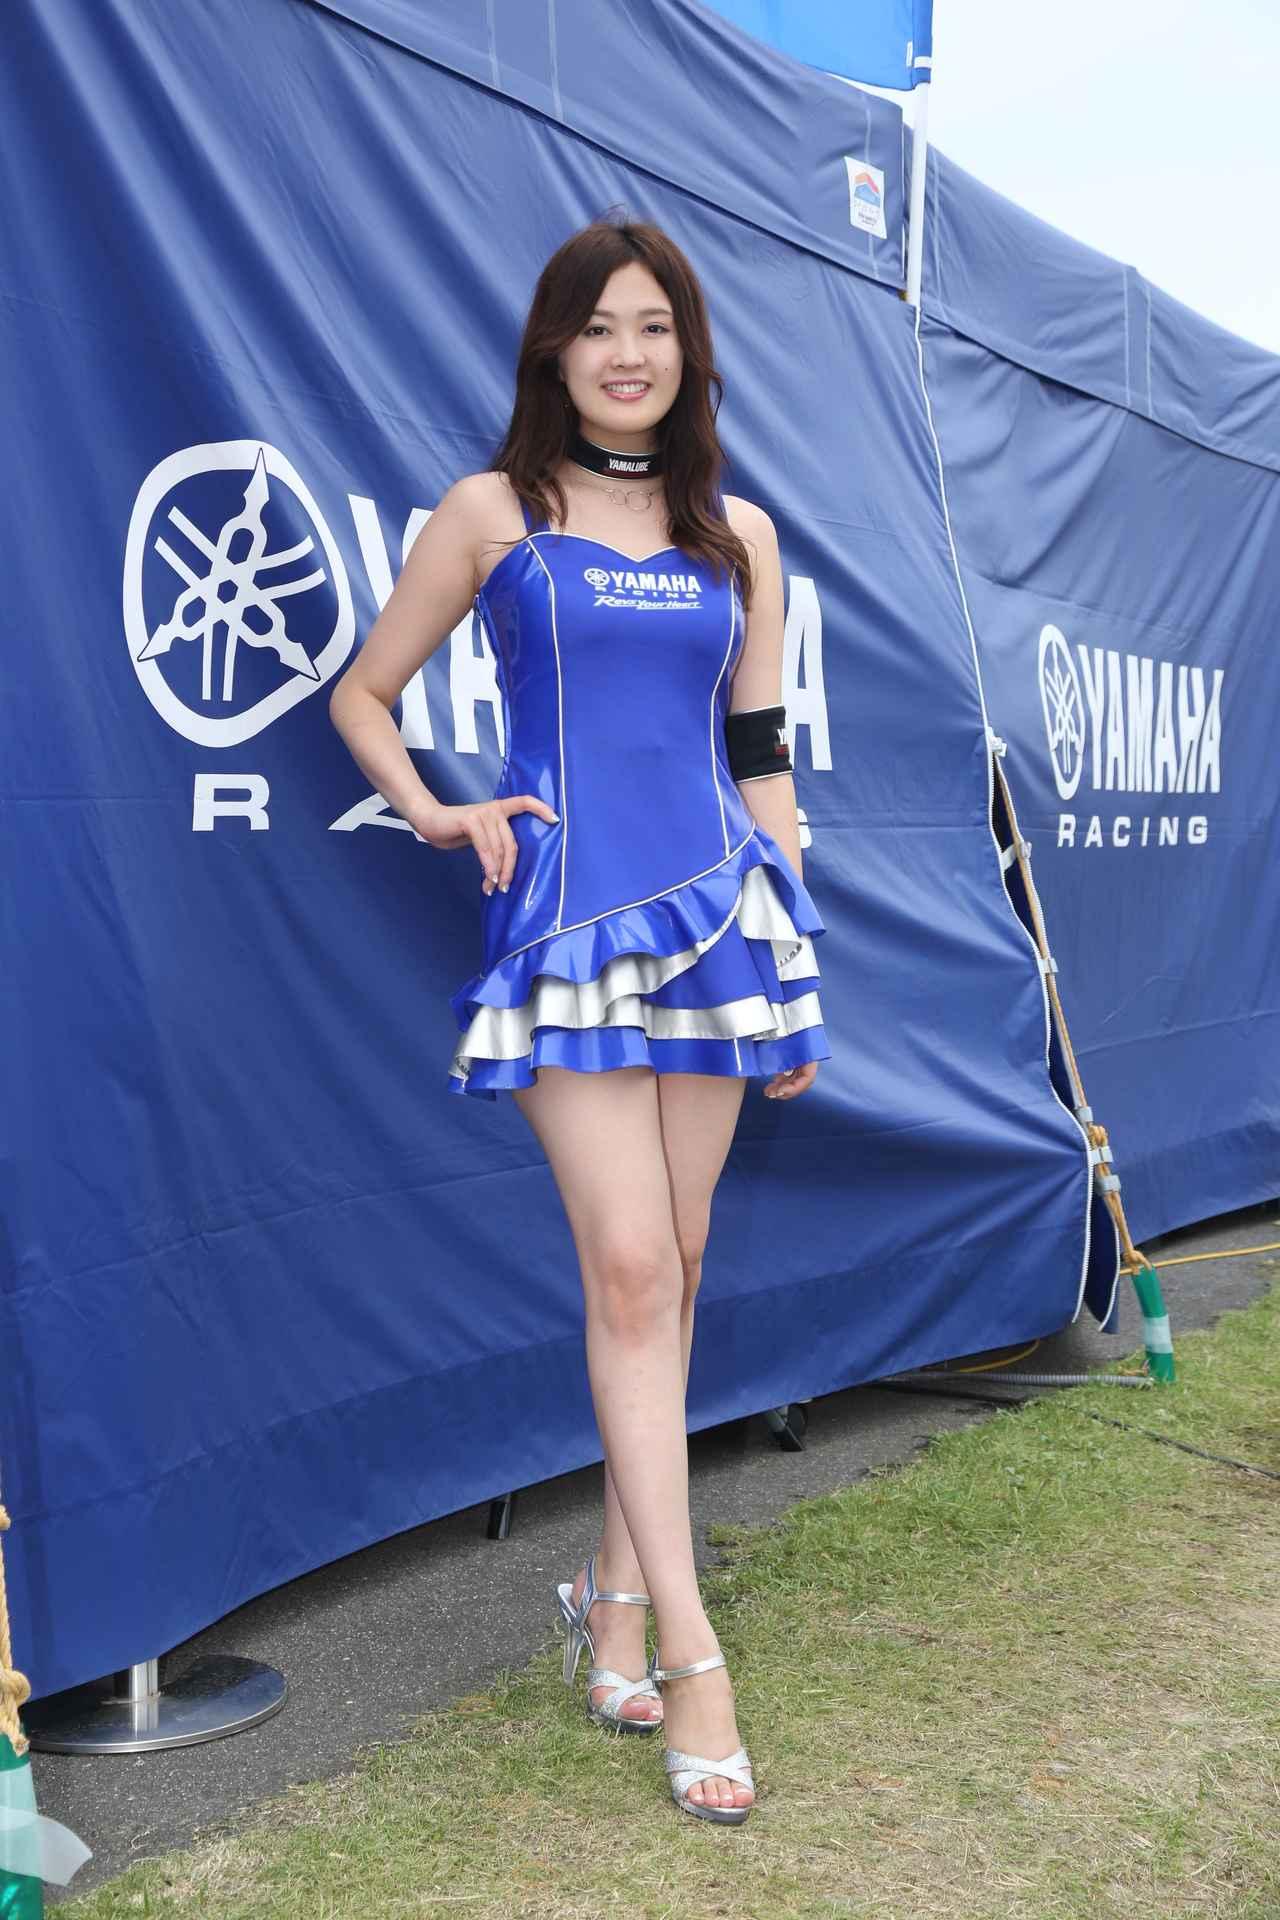 画像4: 3年連続ポールtoウィン! ヤマハファクトリーレーシング!!